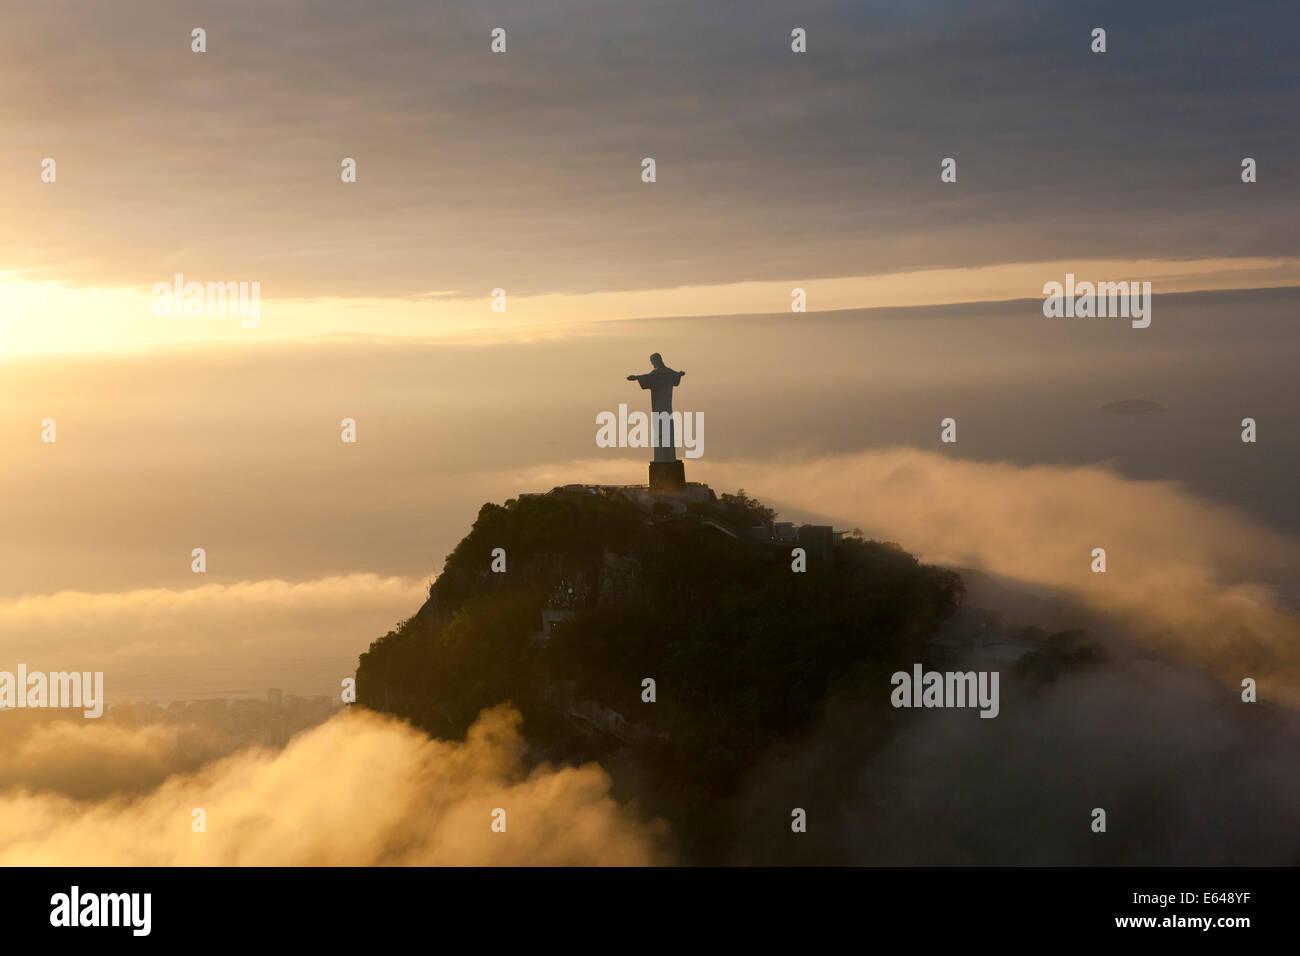 La gigantesca estatua Art Decó conocido como Jesús el Cristo Redentor (Cristo Redentor) en la montaña Imagen De Stock